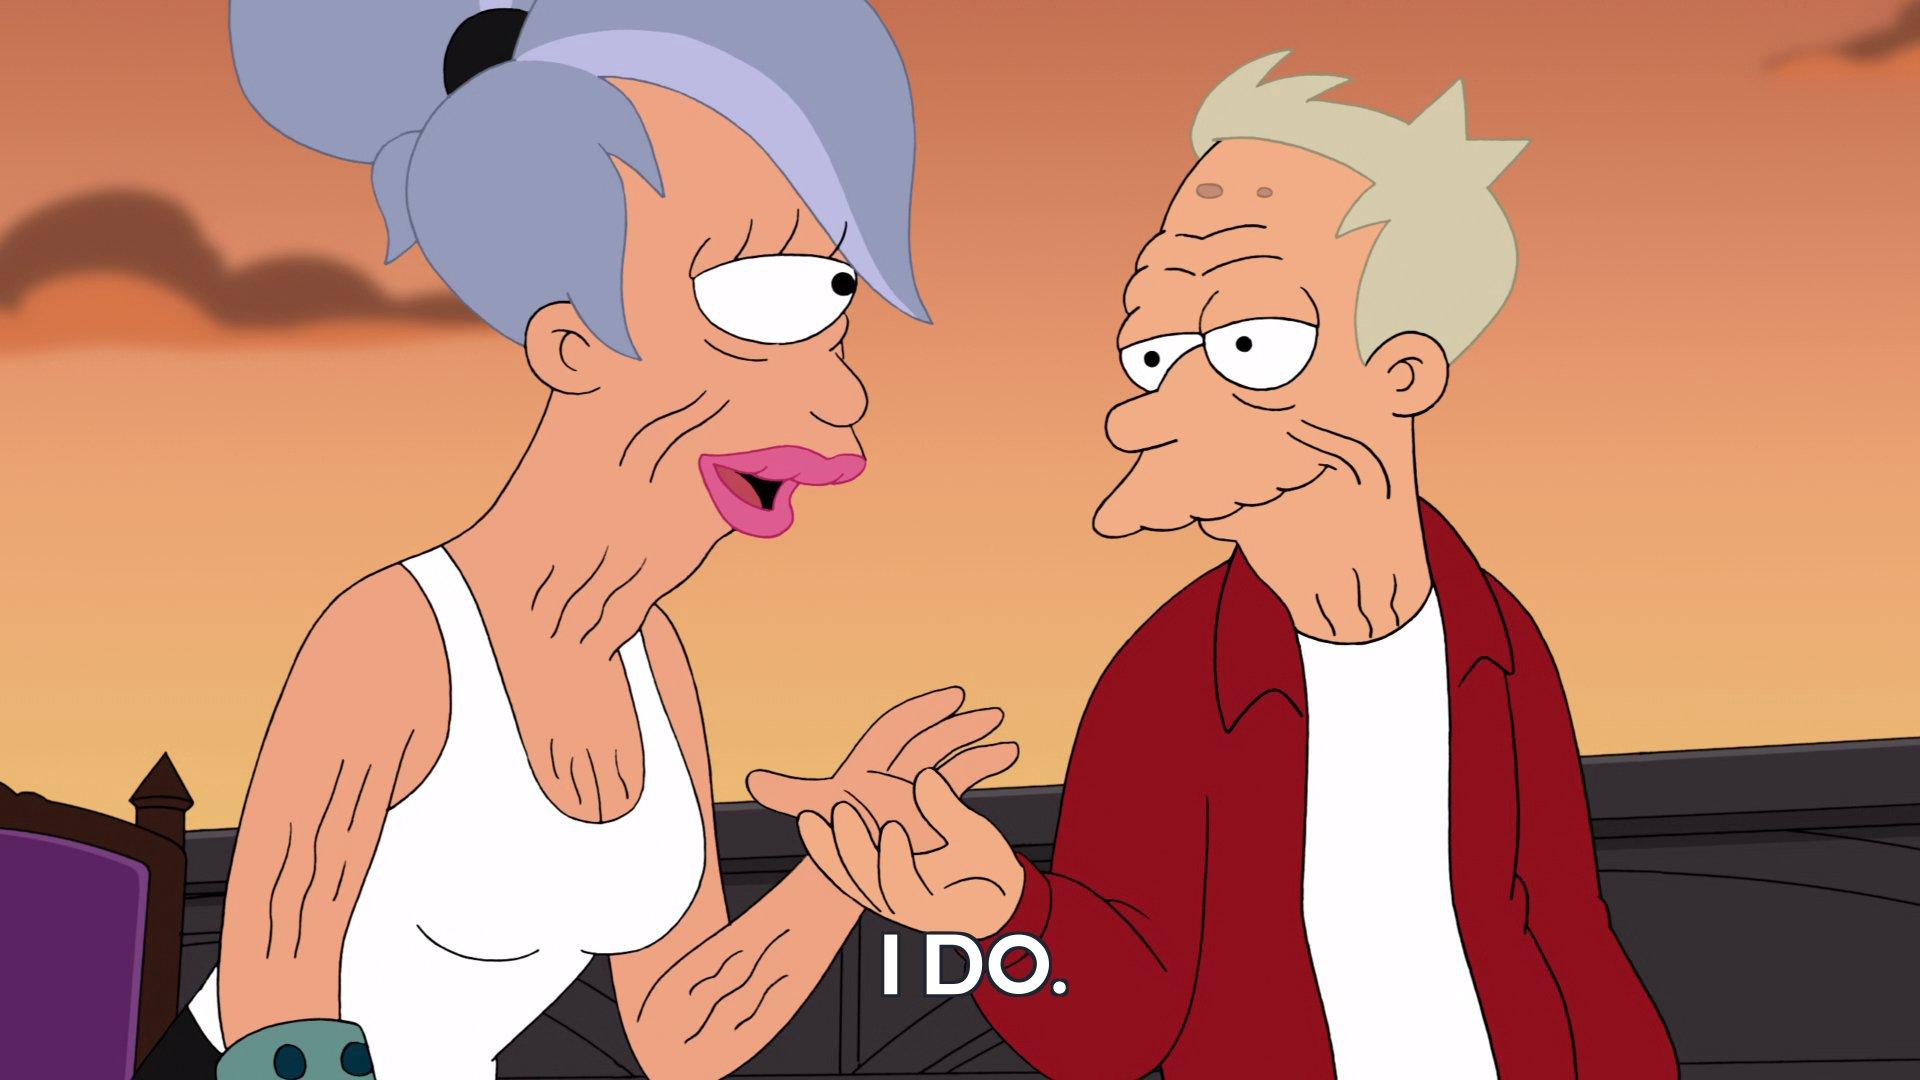 Turanga Leela: I do.